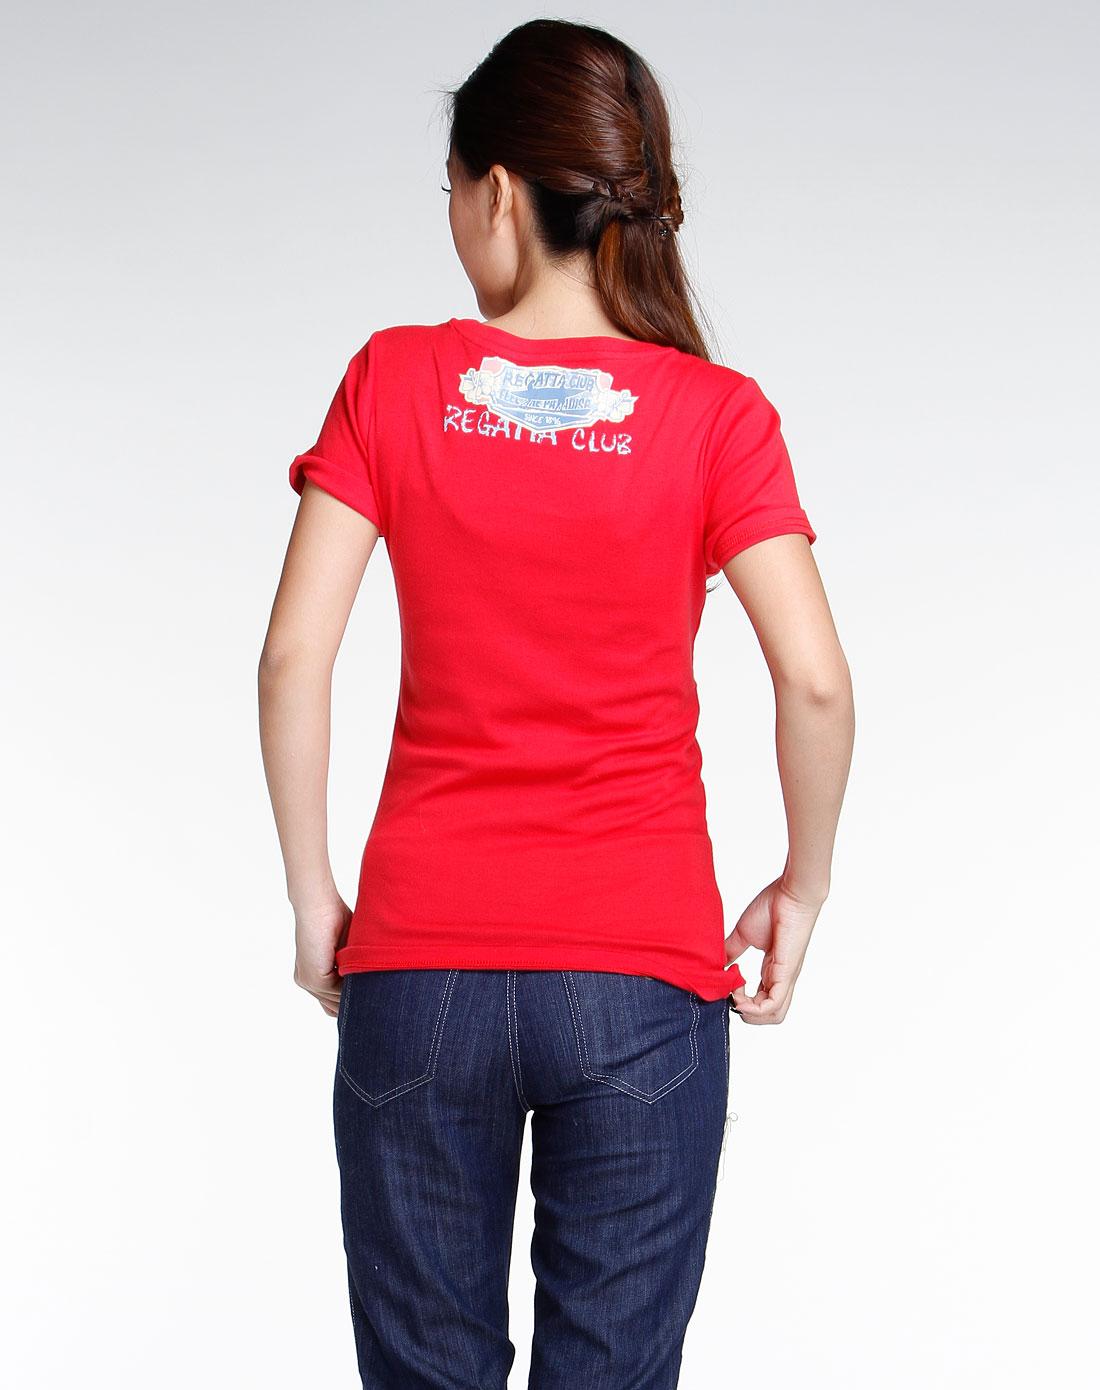 红色圆领时尚短袖t恤